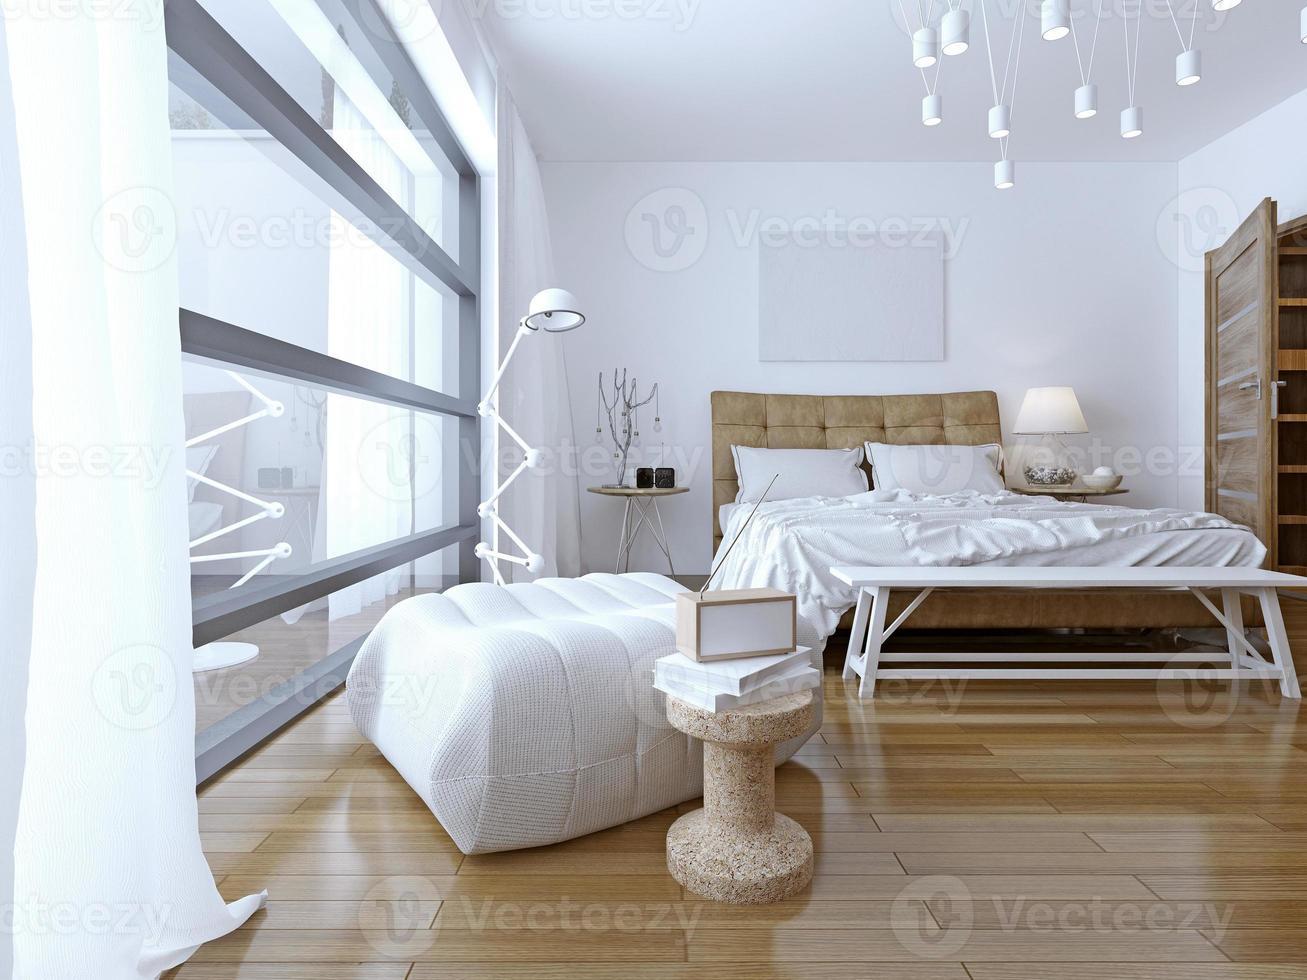 dormitorio con paredes blancas en estilo moderno foto